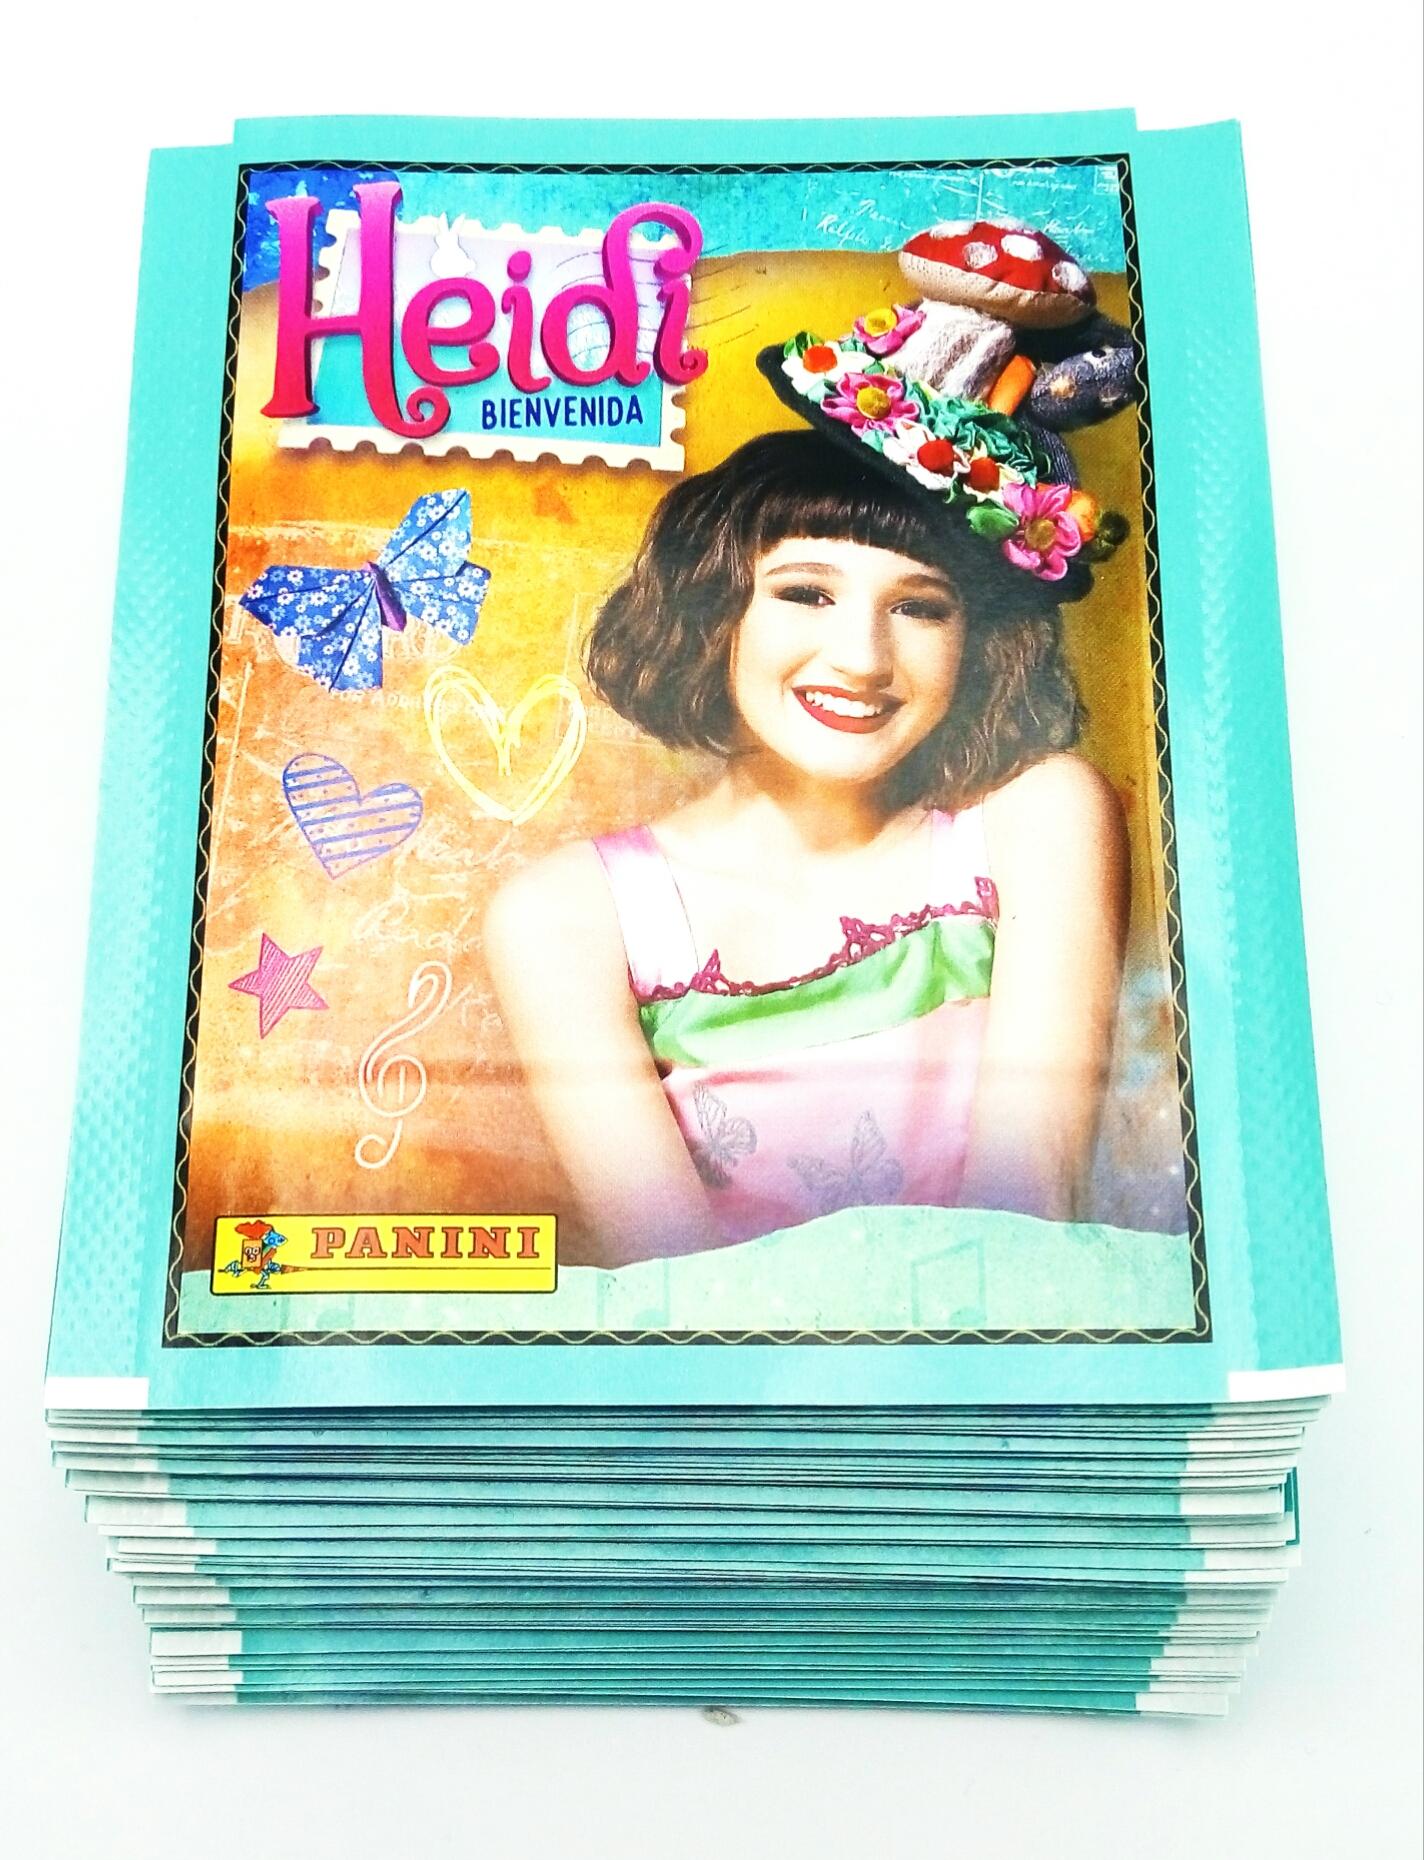 Heidi Bienvenida 50 bustine figurine Panini Versione Promo album tuten Pack